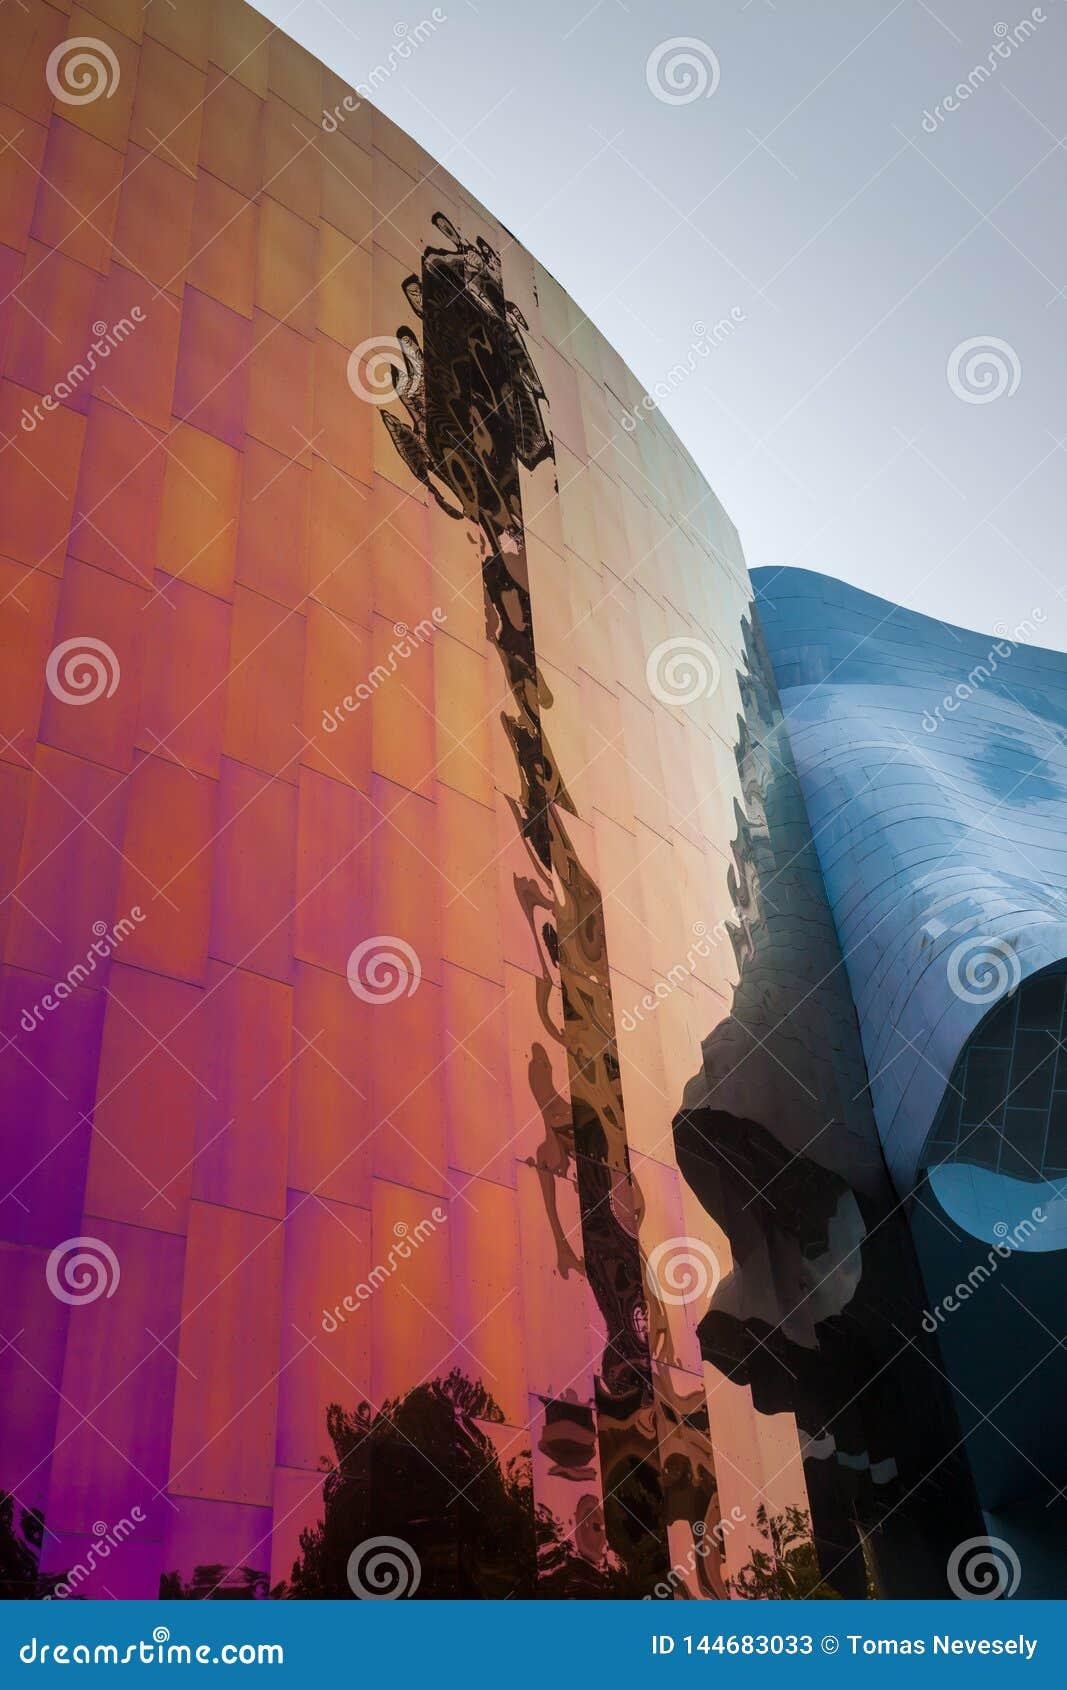 SEATTLE, WASHINGTON, EUA - 4 DE JULHO DE 2014: Reflexão distorcida da agulha do espaço no museu do cultura Pop